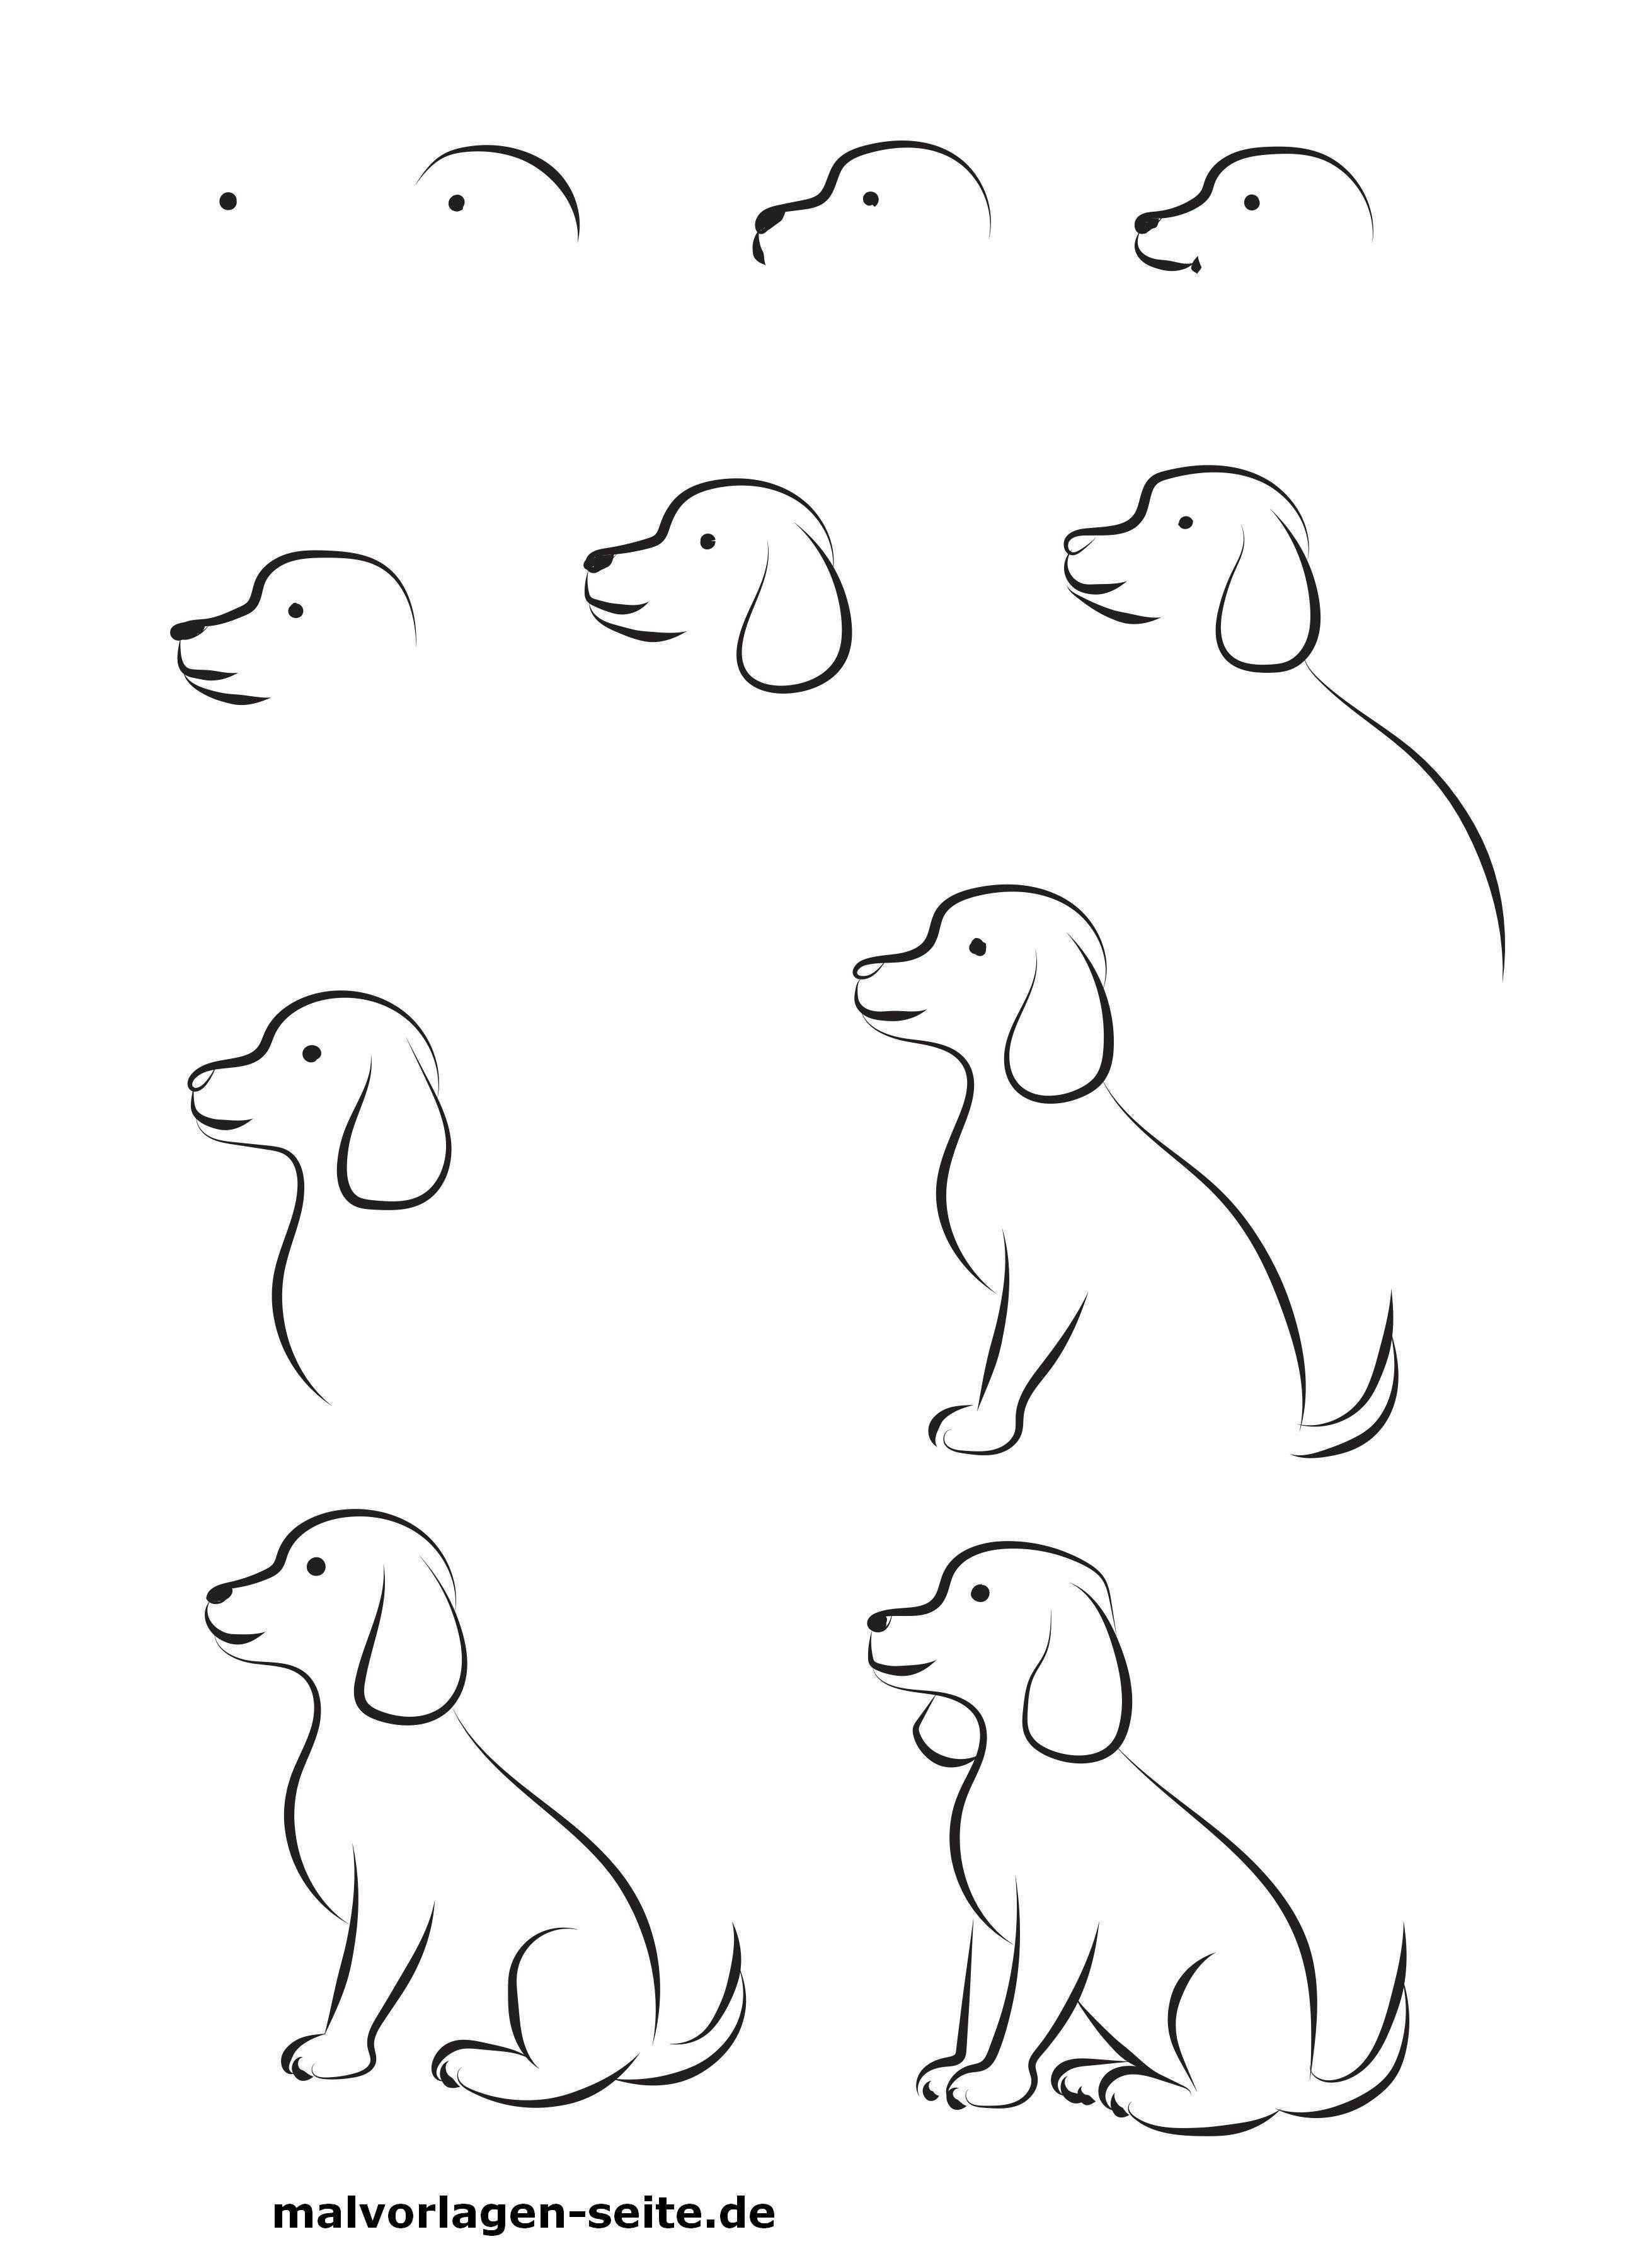 Malvorlagen Malvorlagenfurkinder Malvorlagenfurerwachsene Bilder Malen Einfach Hund Malen Selber Malen